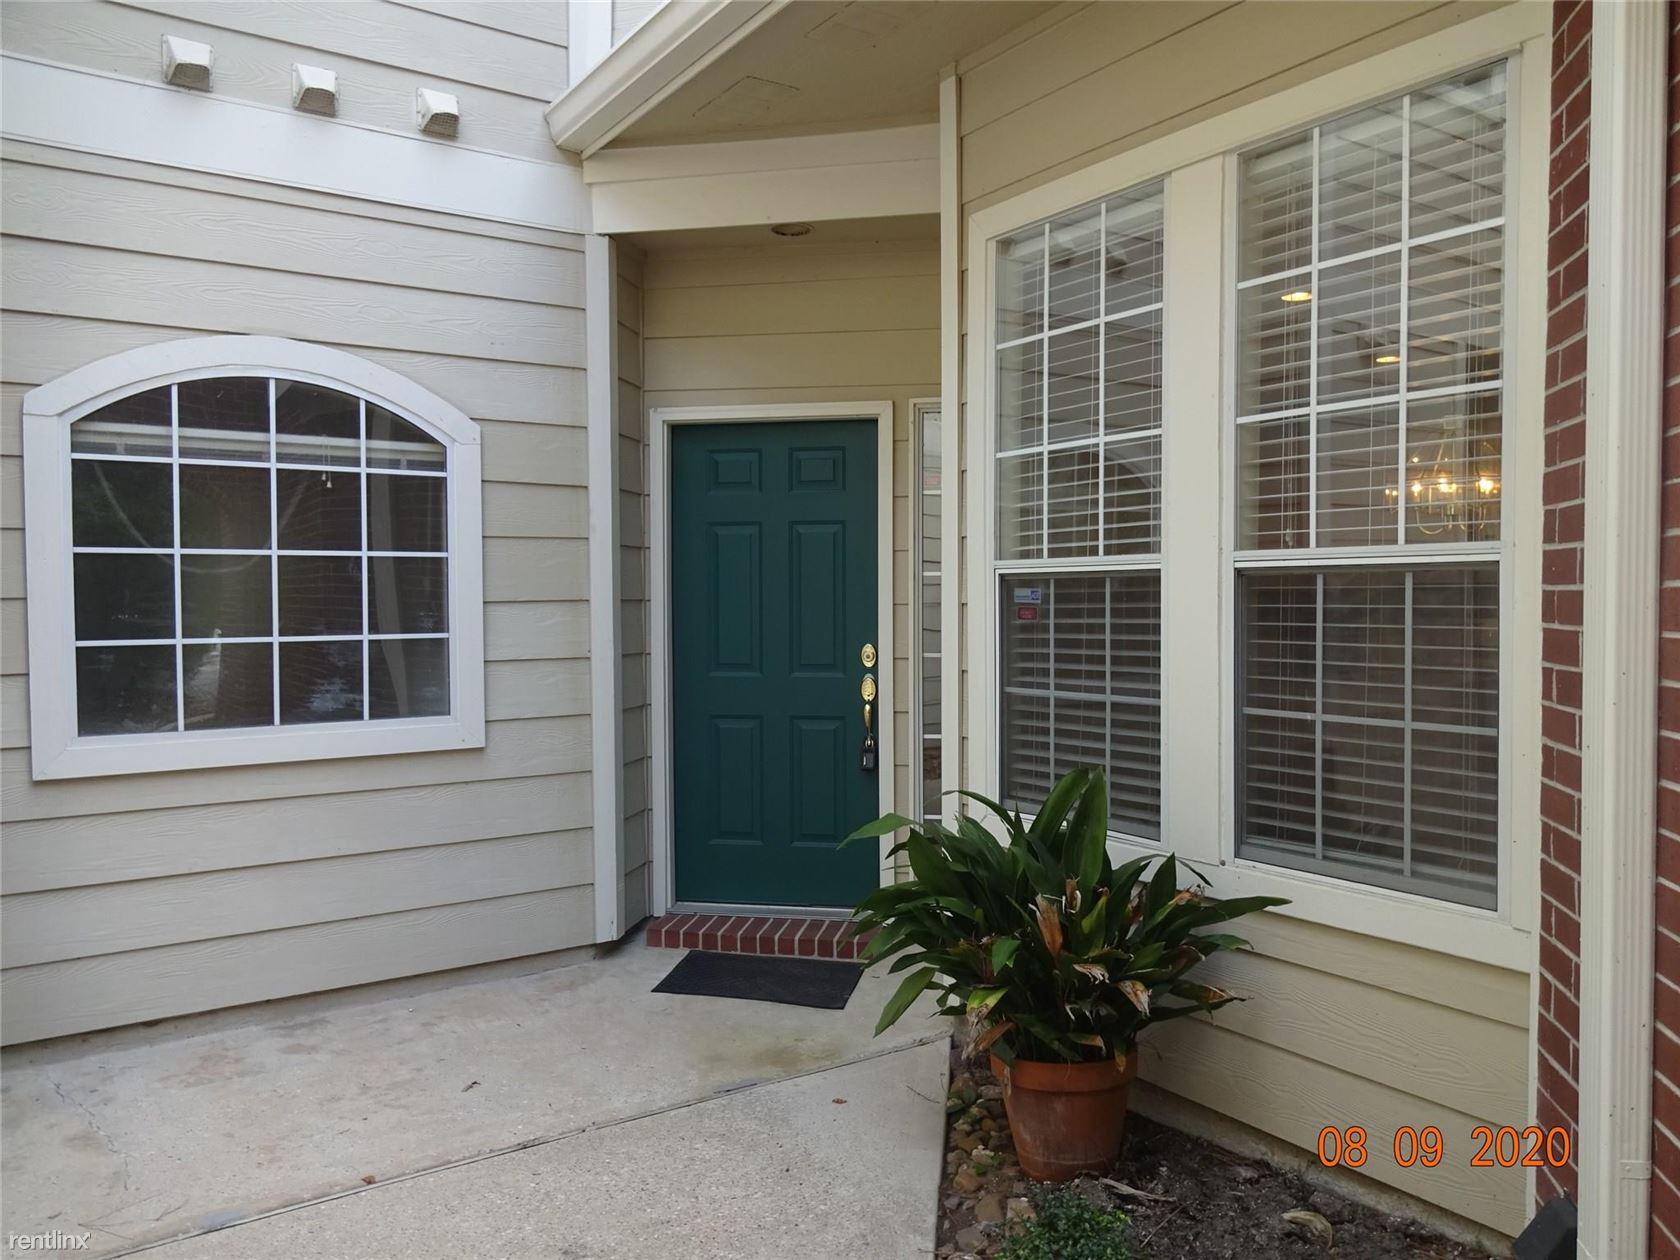 131 N Magnolia Pond Pl, THE WOODLANDS, TX - $1,750